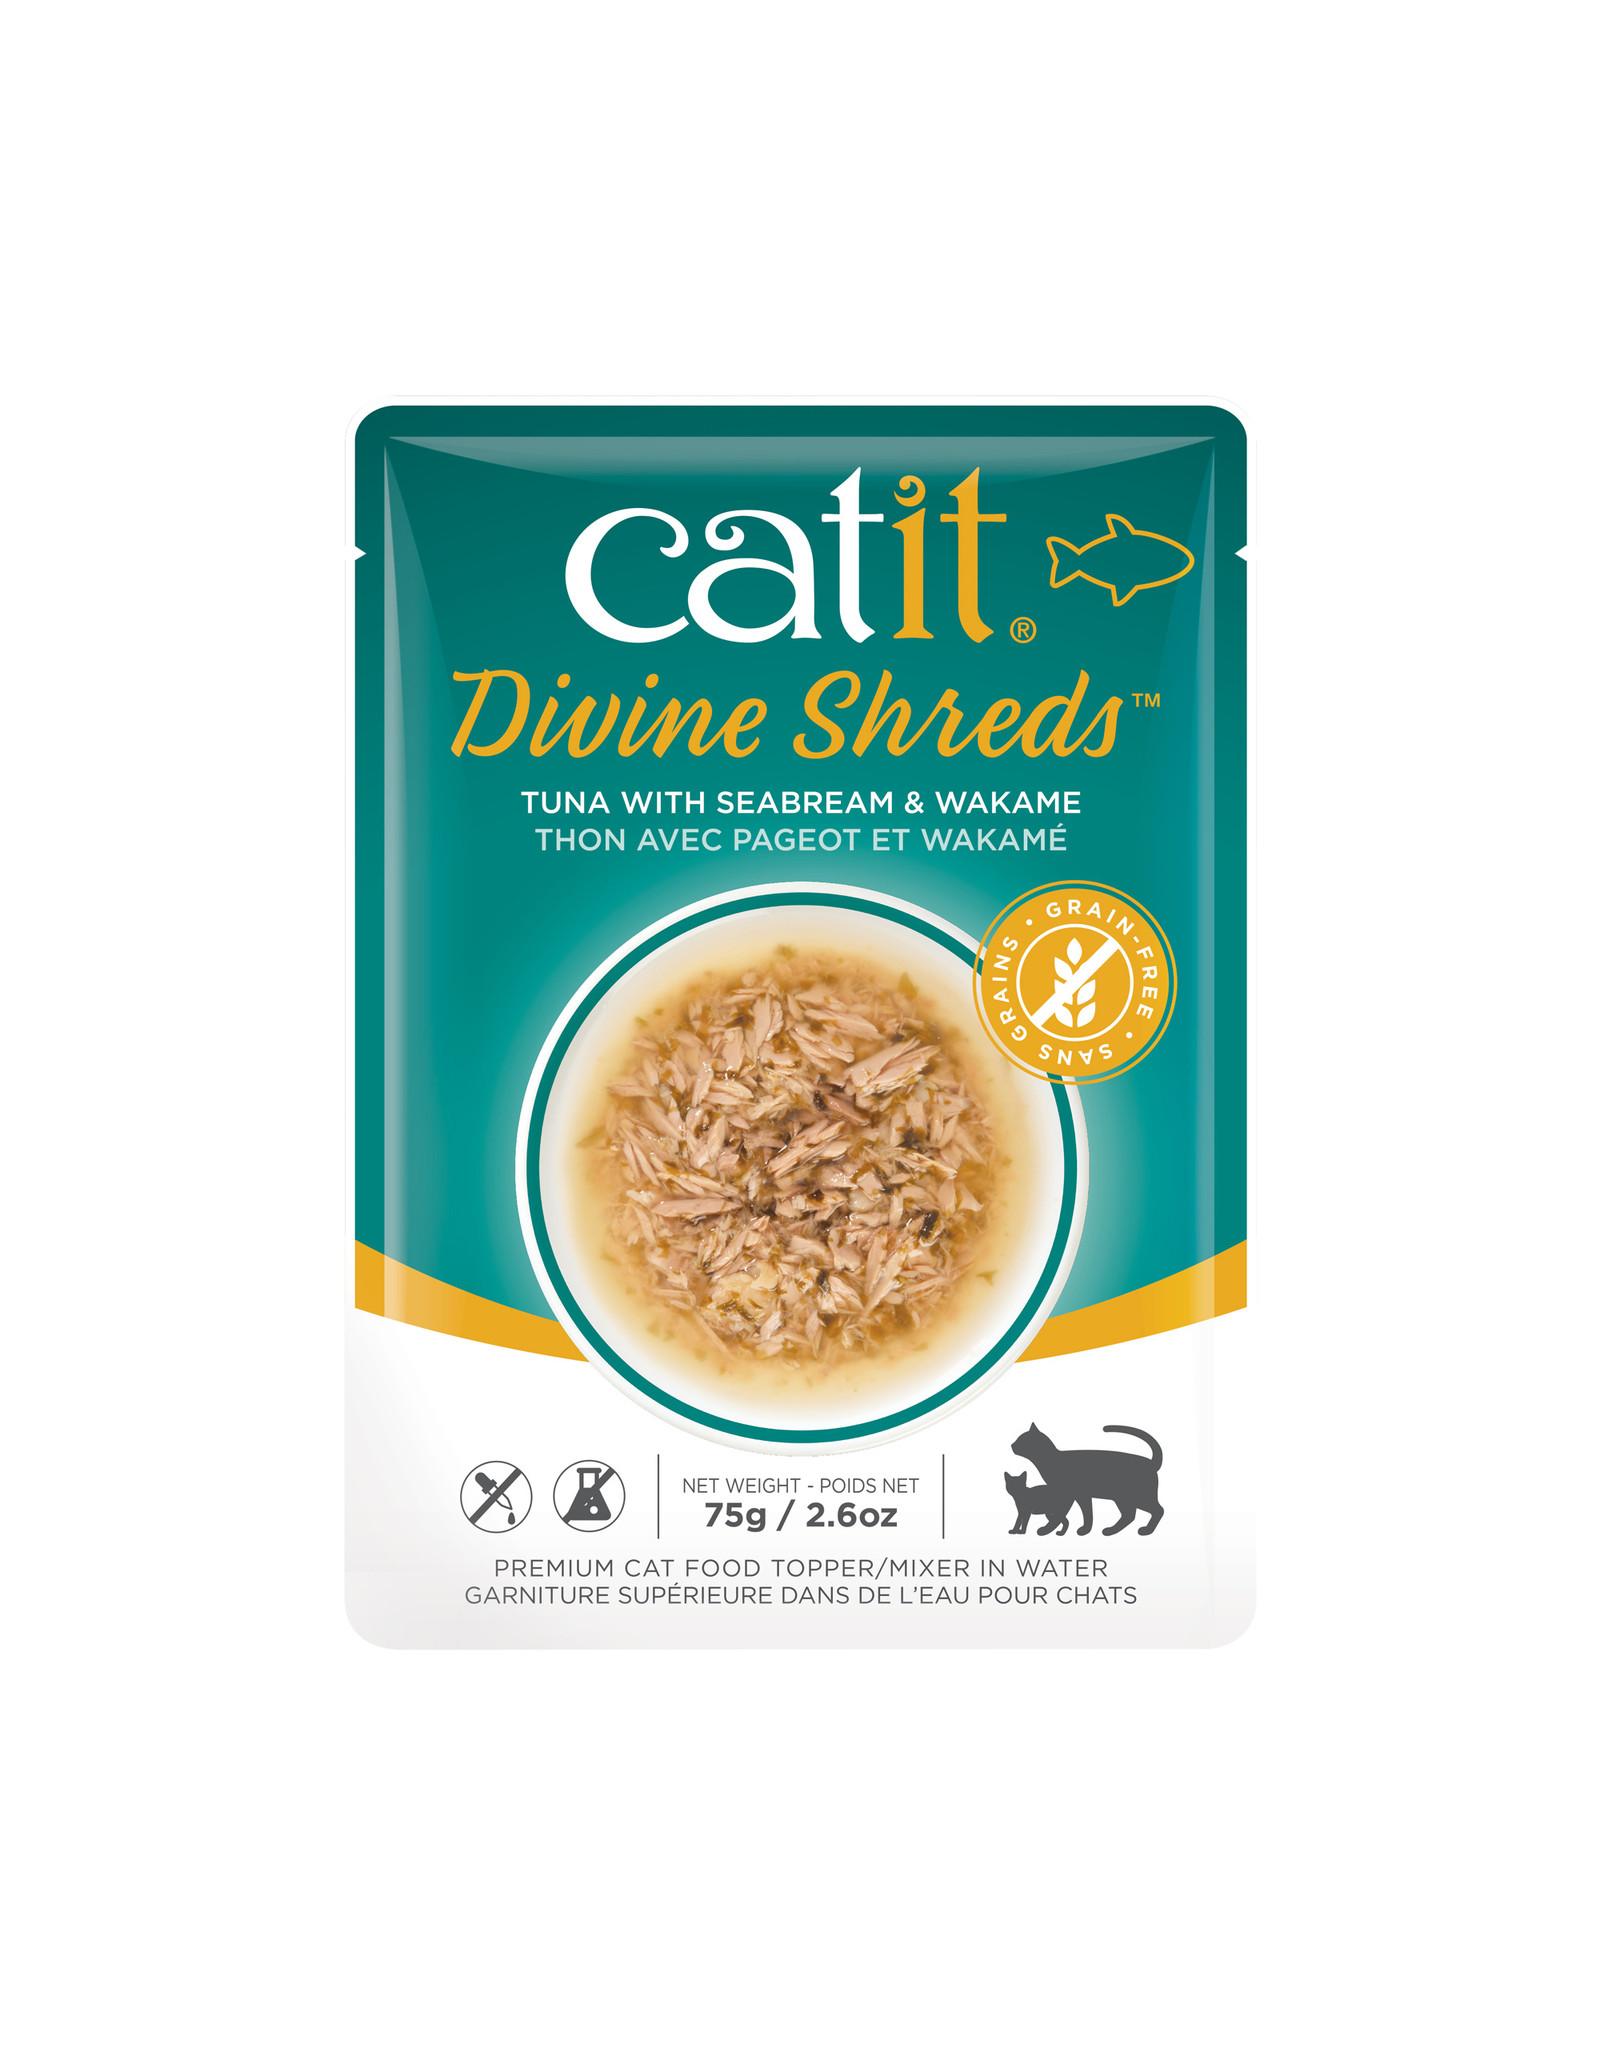 CatIt Divine Shreds - Tuna Multipack - 12 x 75g Pouch